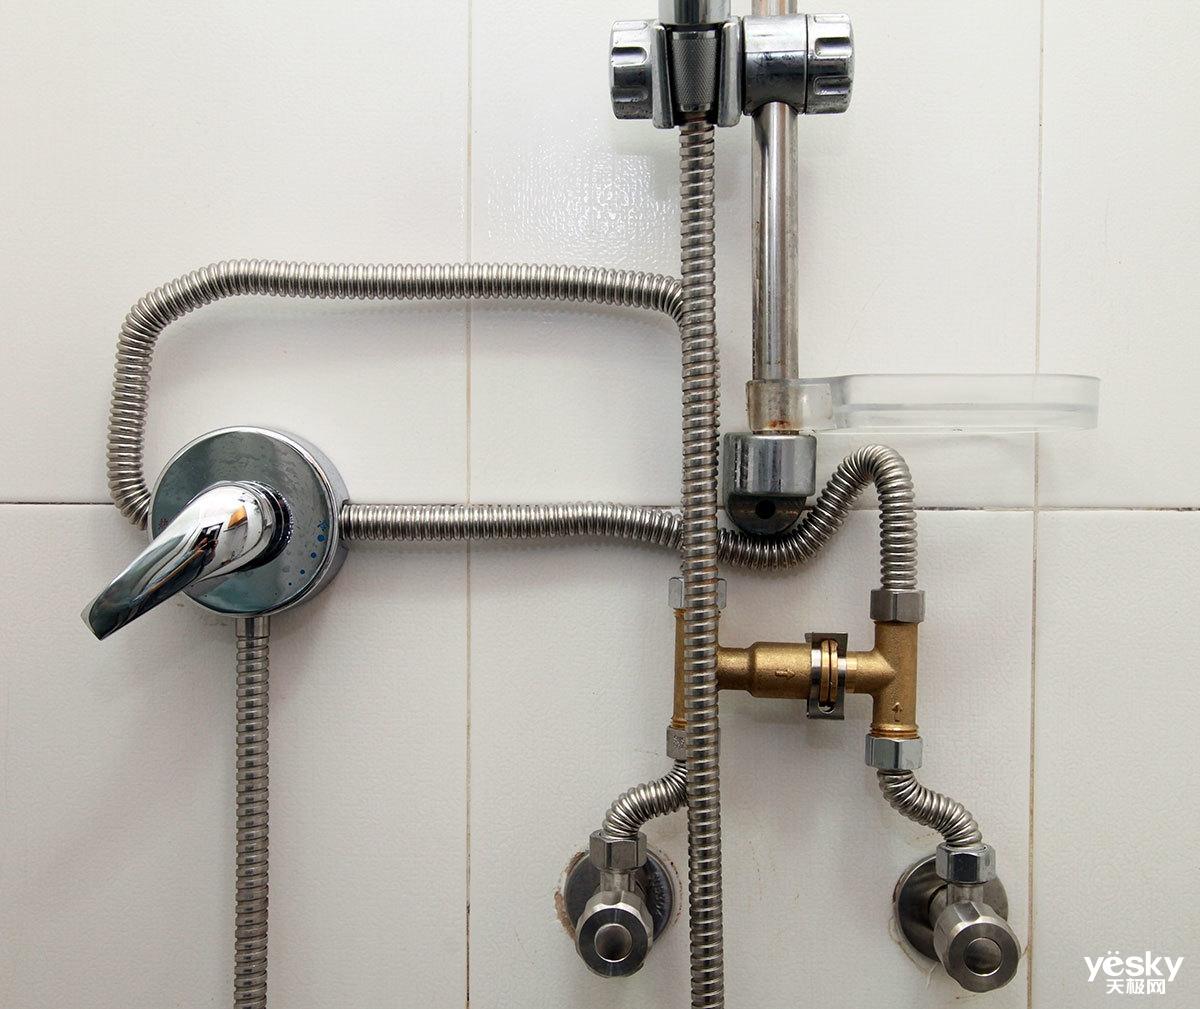 网燃气热水器zero针对这一痛点给出了一个简便的解决方案,安装单向阀图片